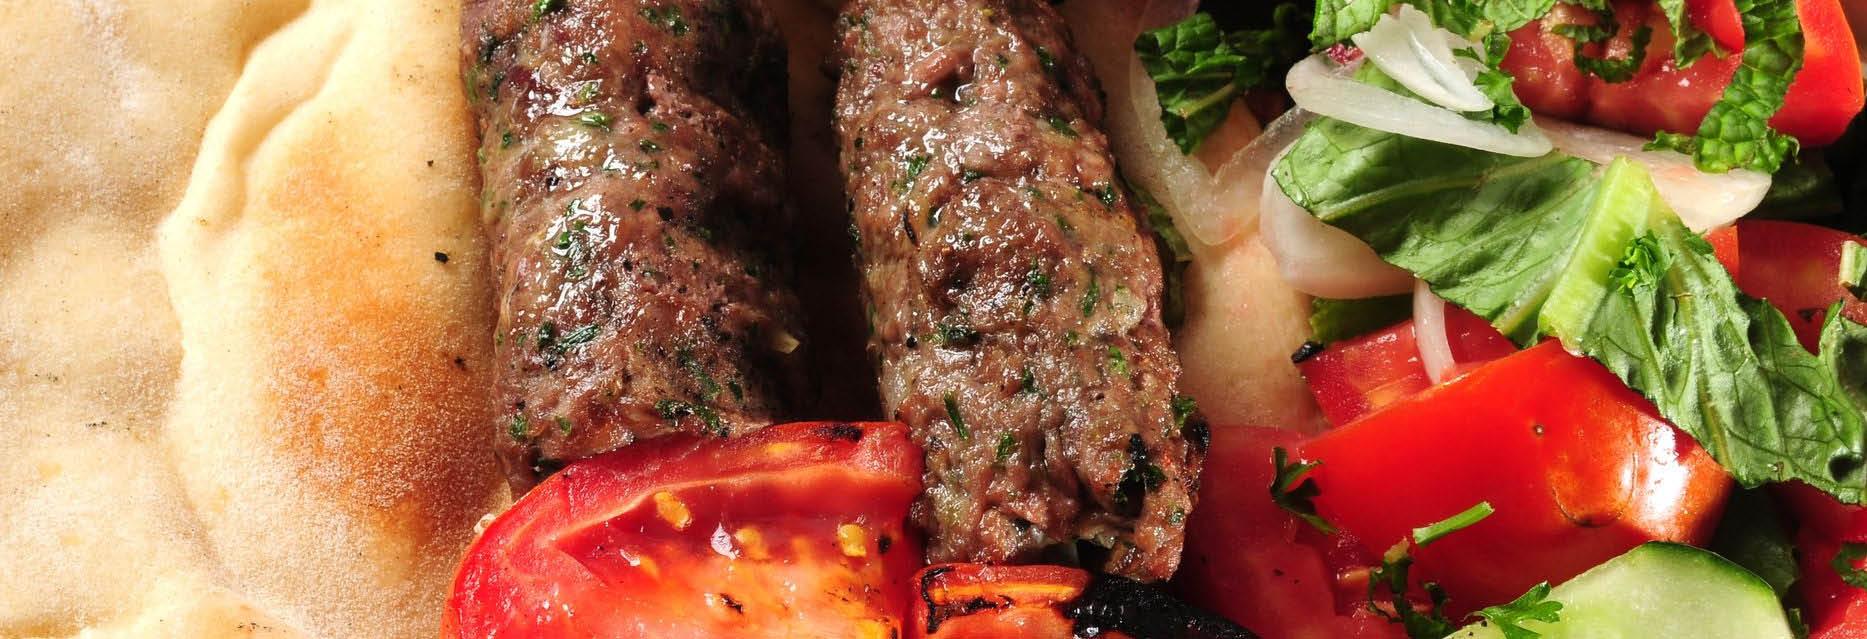 Fresh Pita Bread, Juicy Meat and Garden Veggie Kabob banner